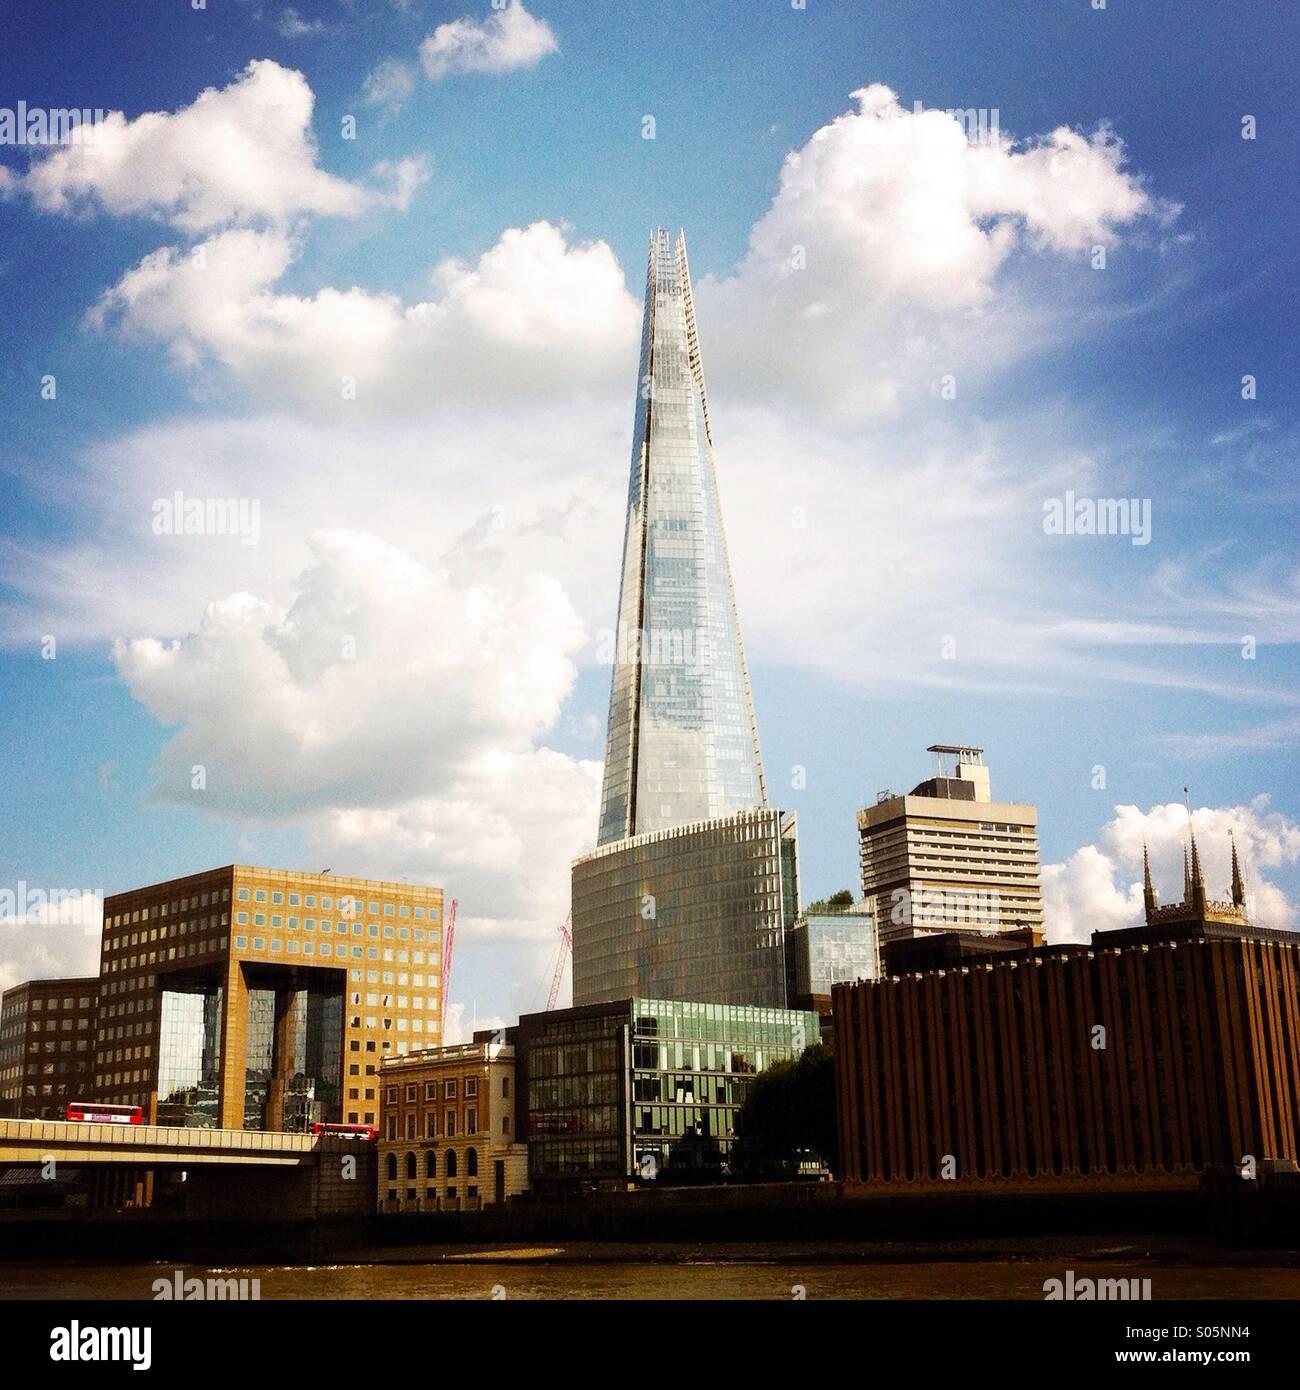 El shard y otros edificios. Londres England Reino Unido. Imagen De Stock